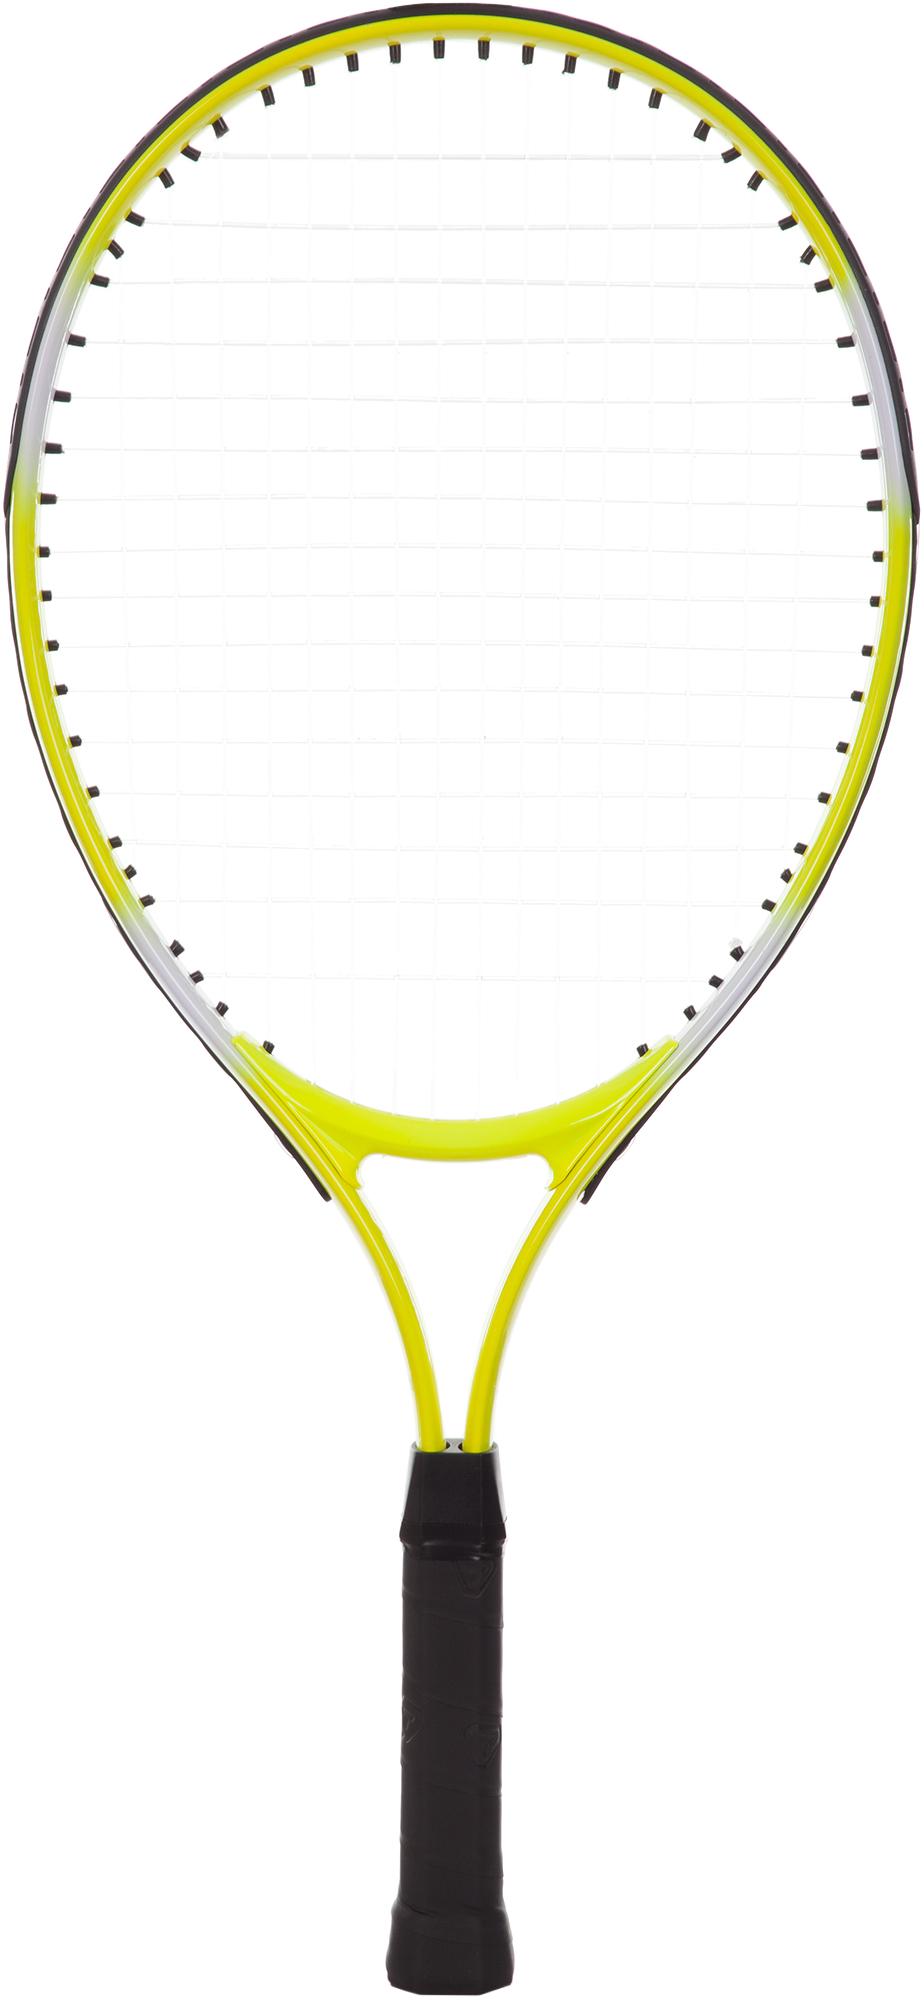 Torneo Ракетка для большого тенниса детская Torneo 21 torneo ракетка для большого тенниса детская torneo 25 размер без размера